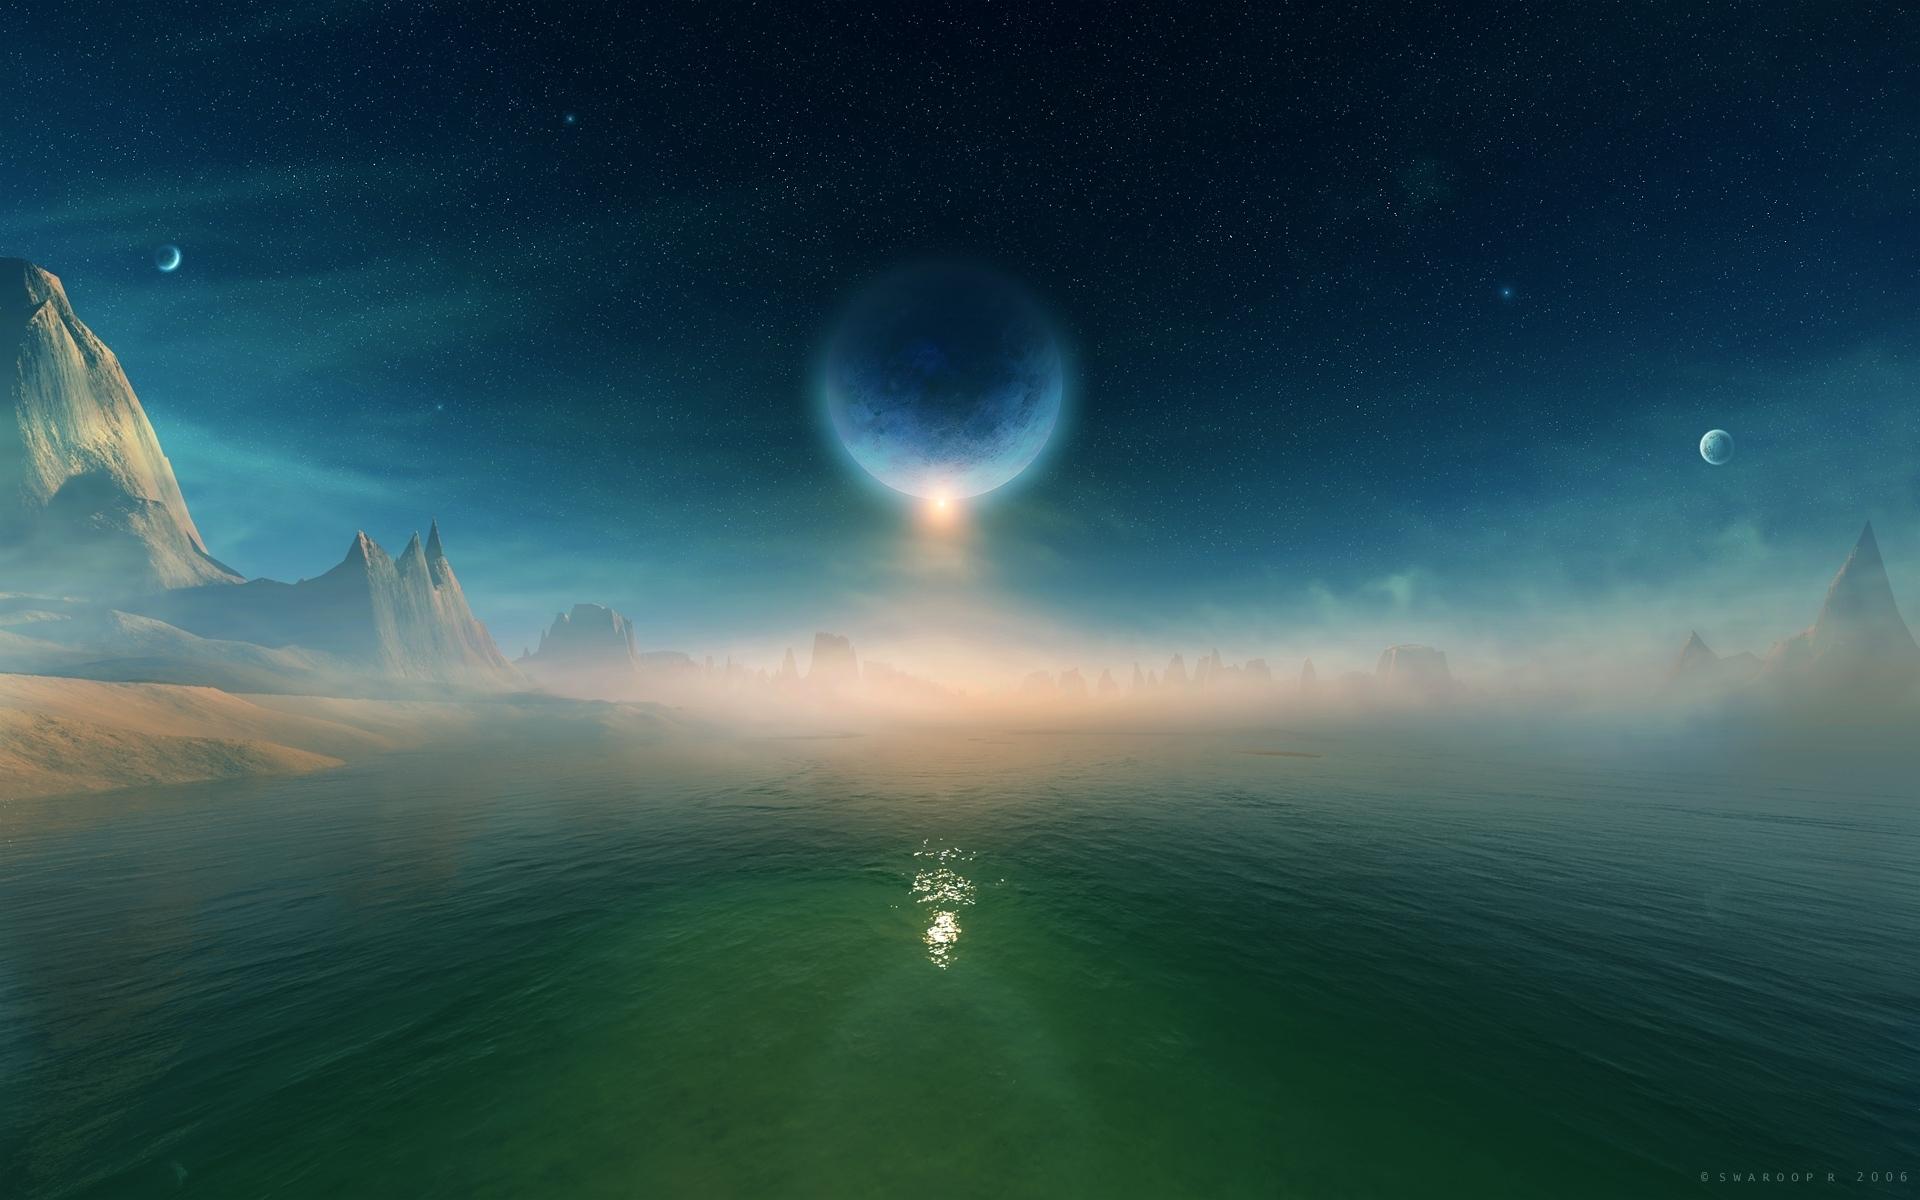 космос звезды природа море скачать